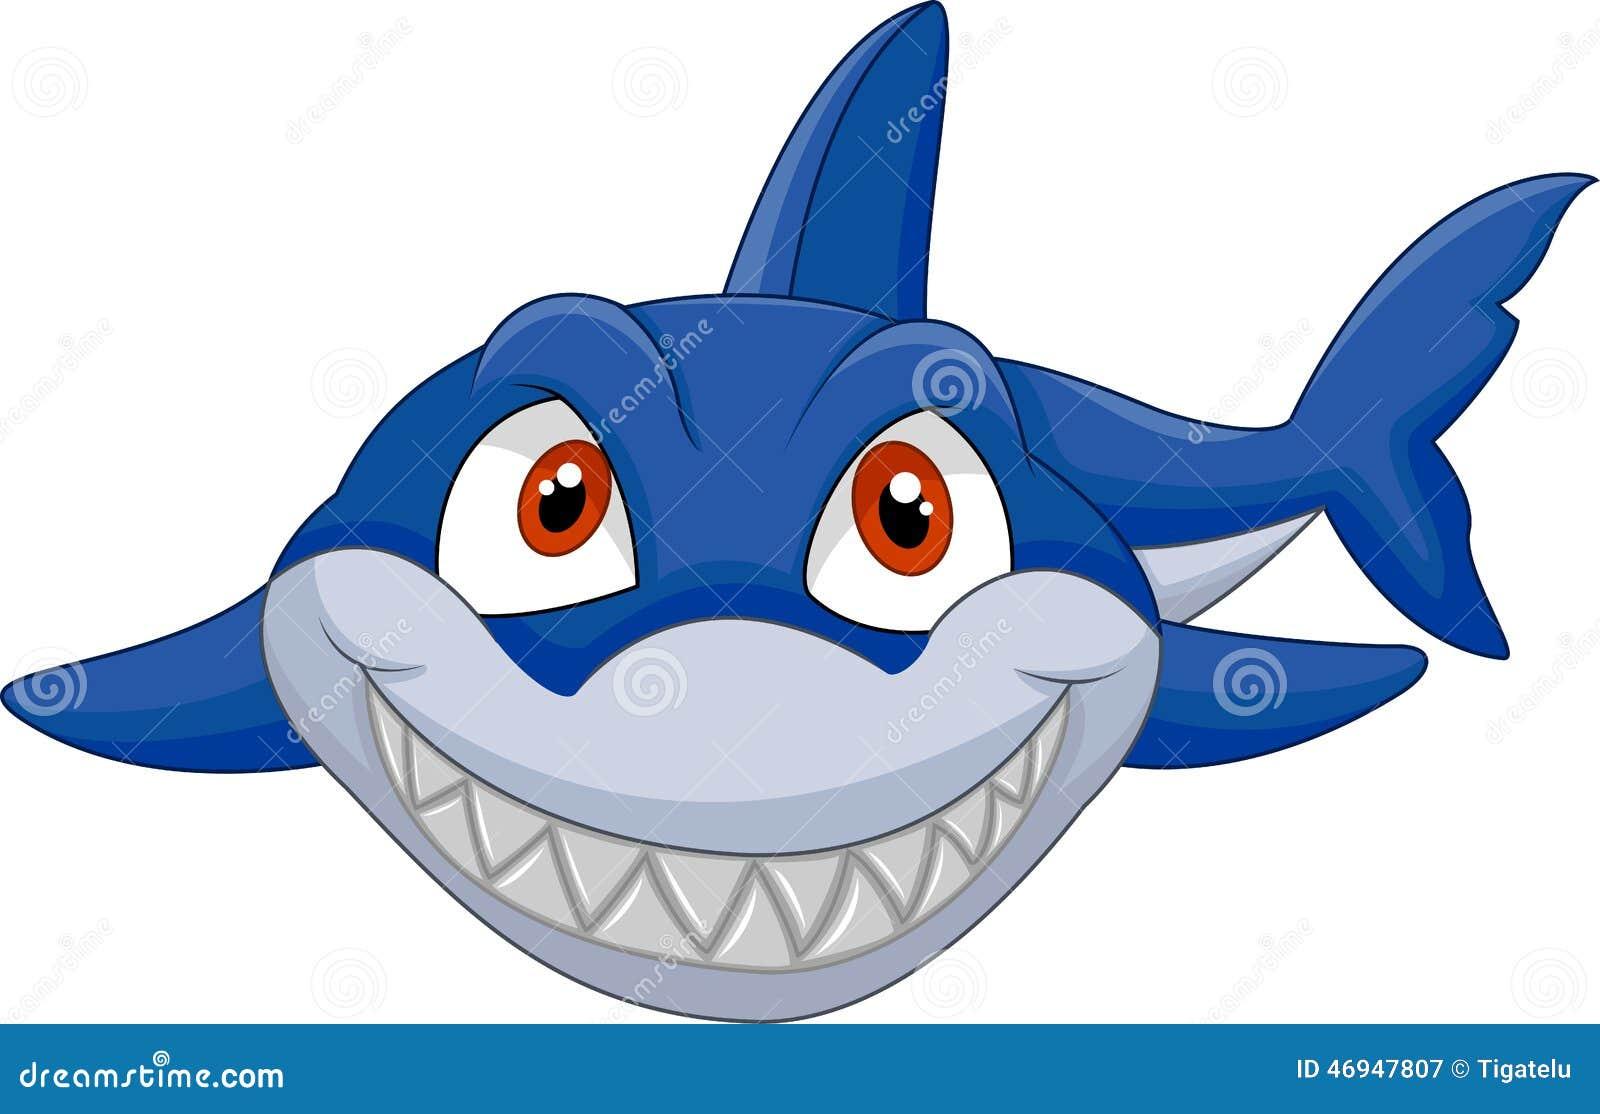 Cartoon shark smiling stock vector. Illustration of fear ...